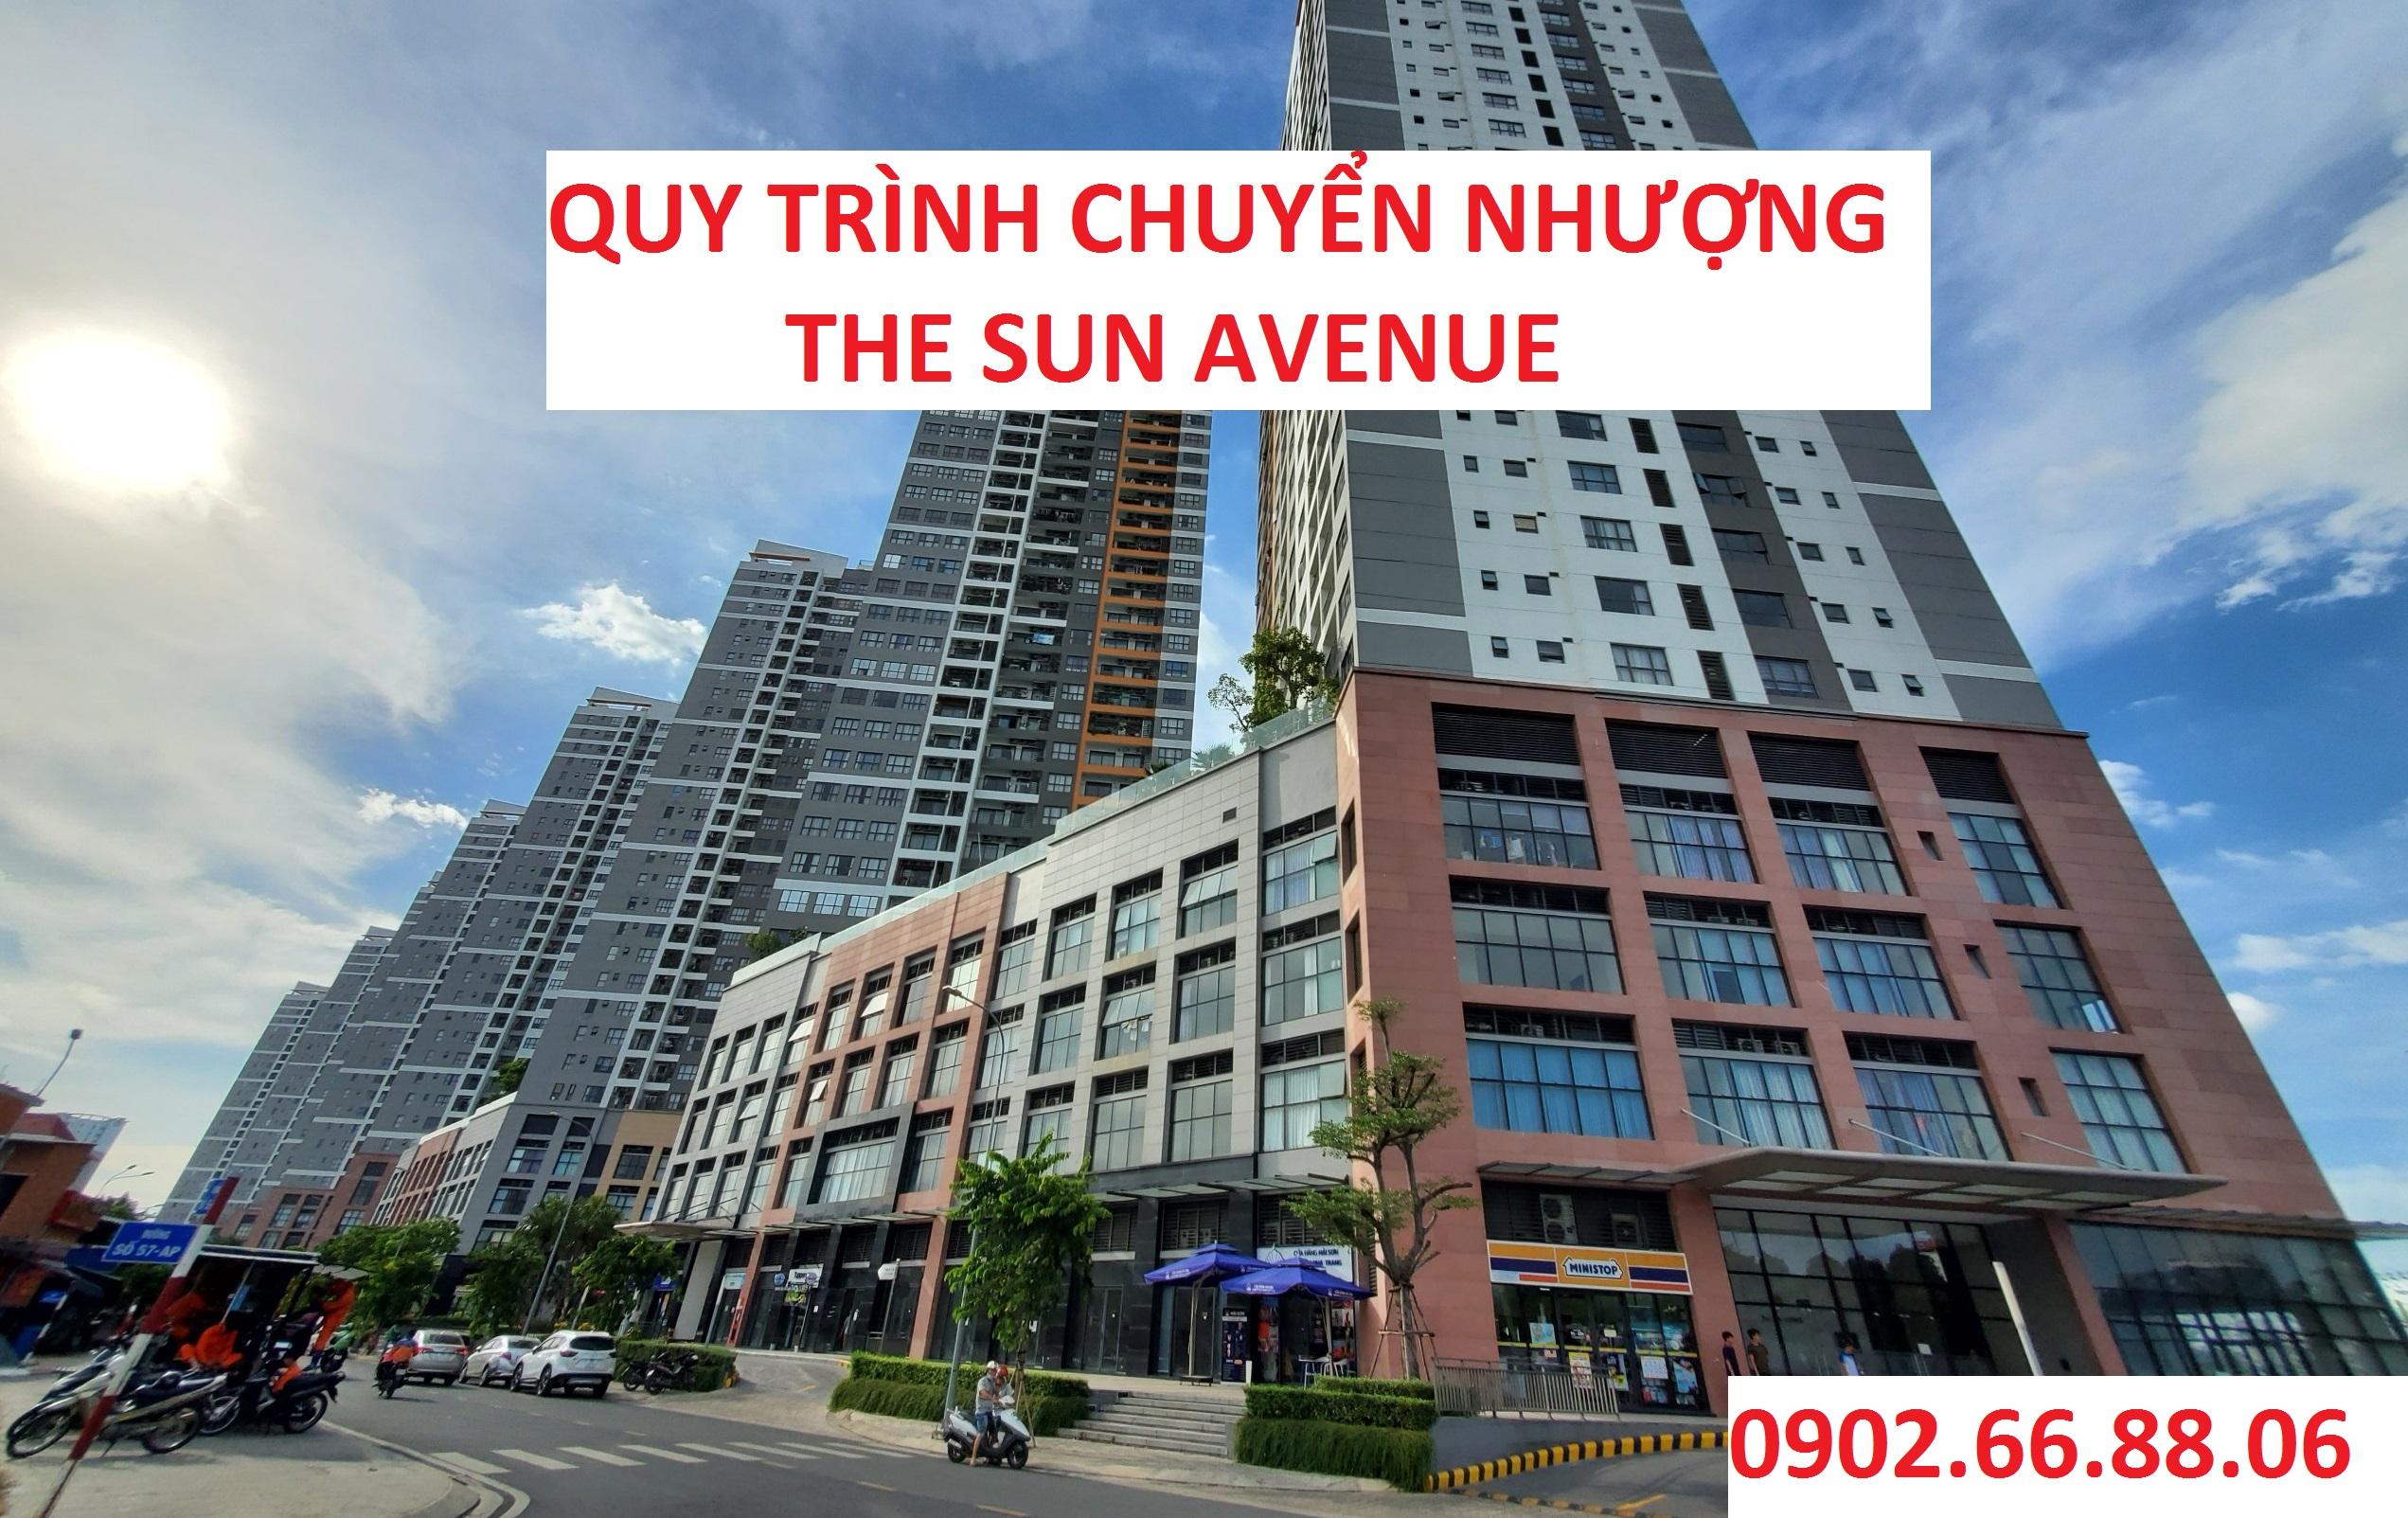 Quy Trình Chuyển Nhượng Căn Hộ The Sun Avenue